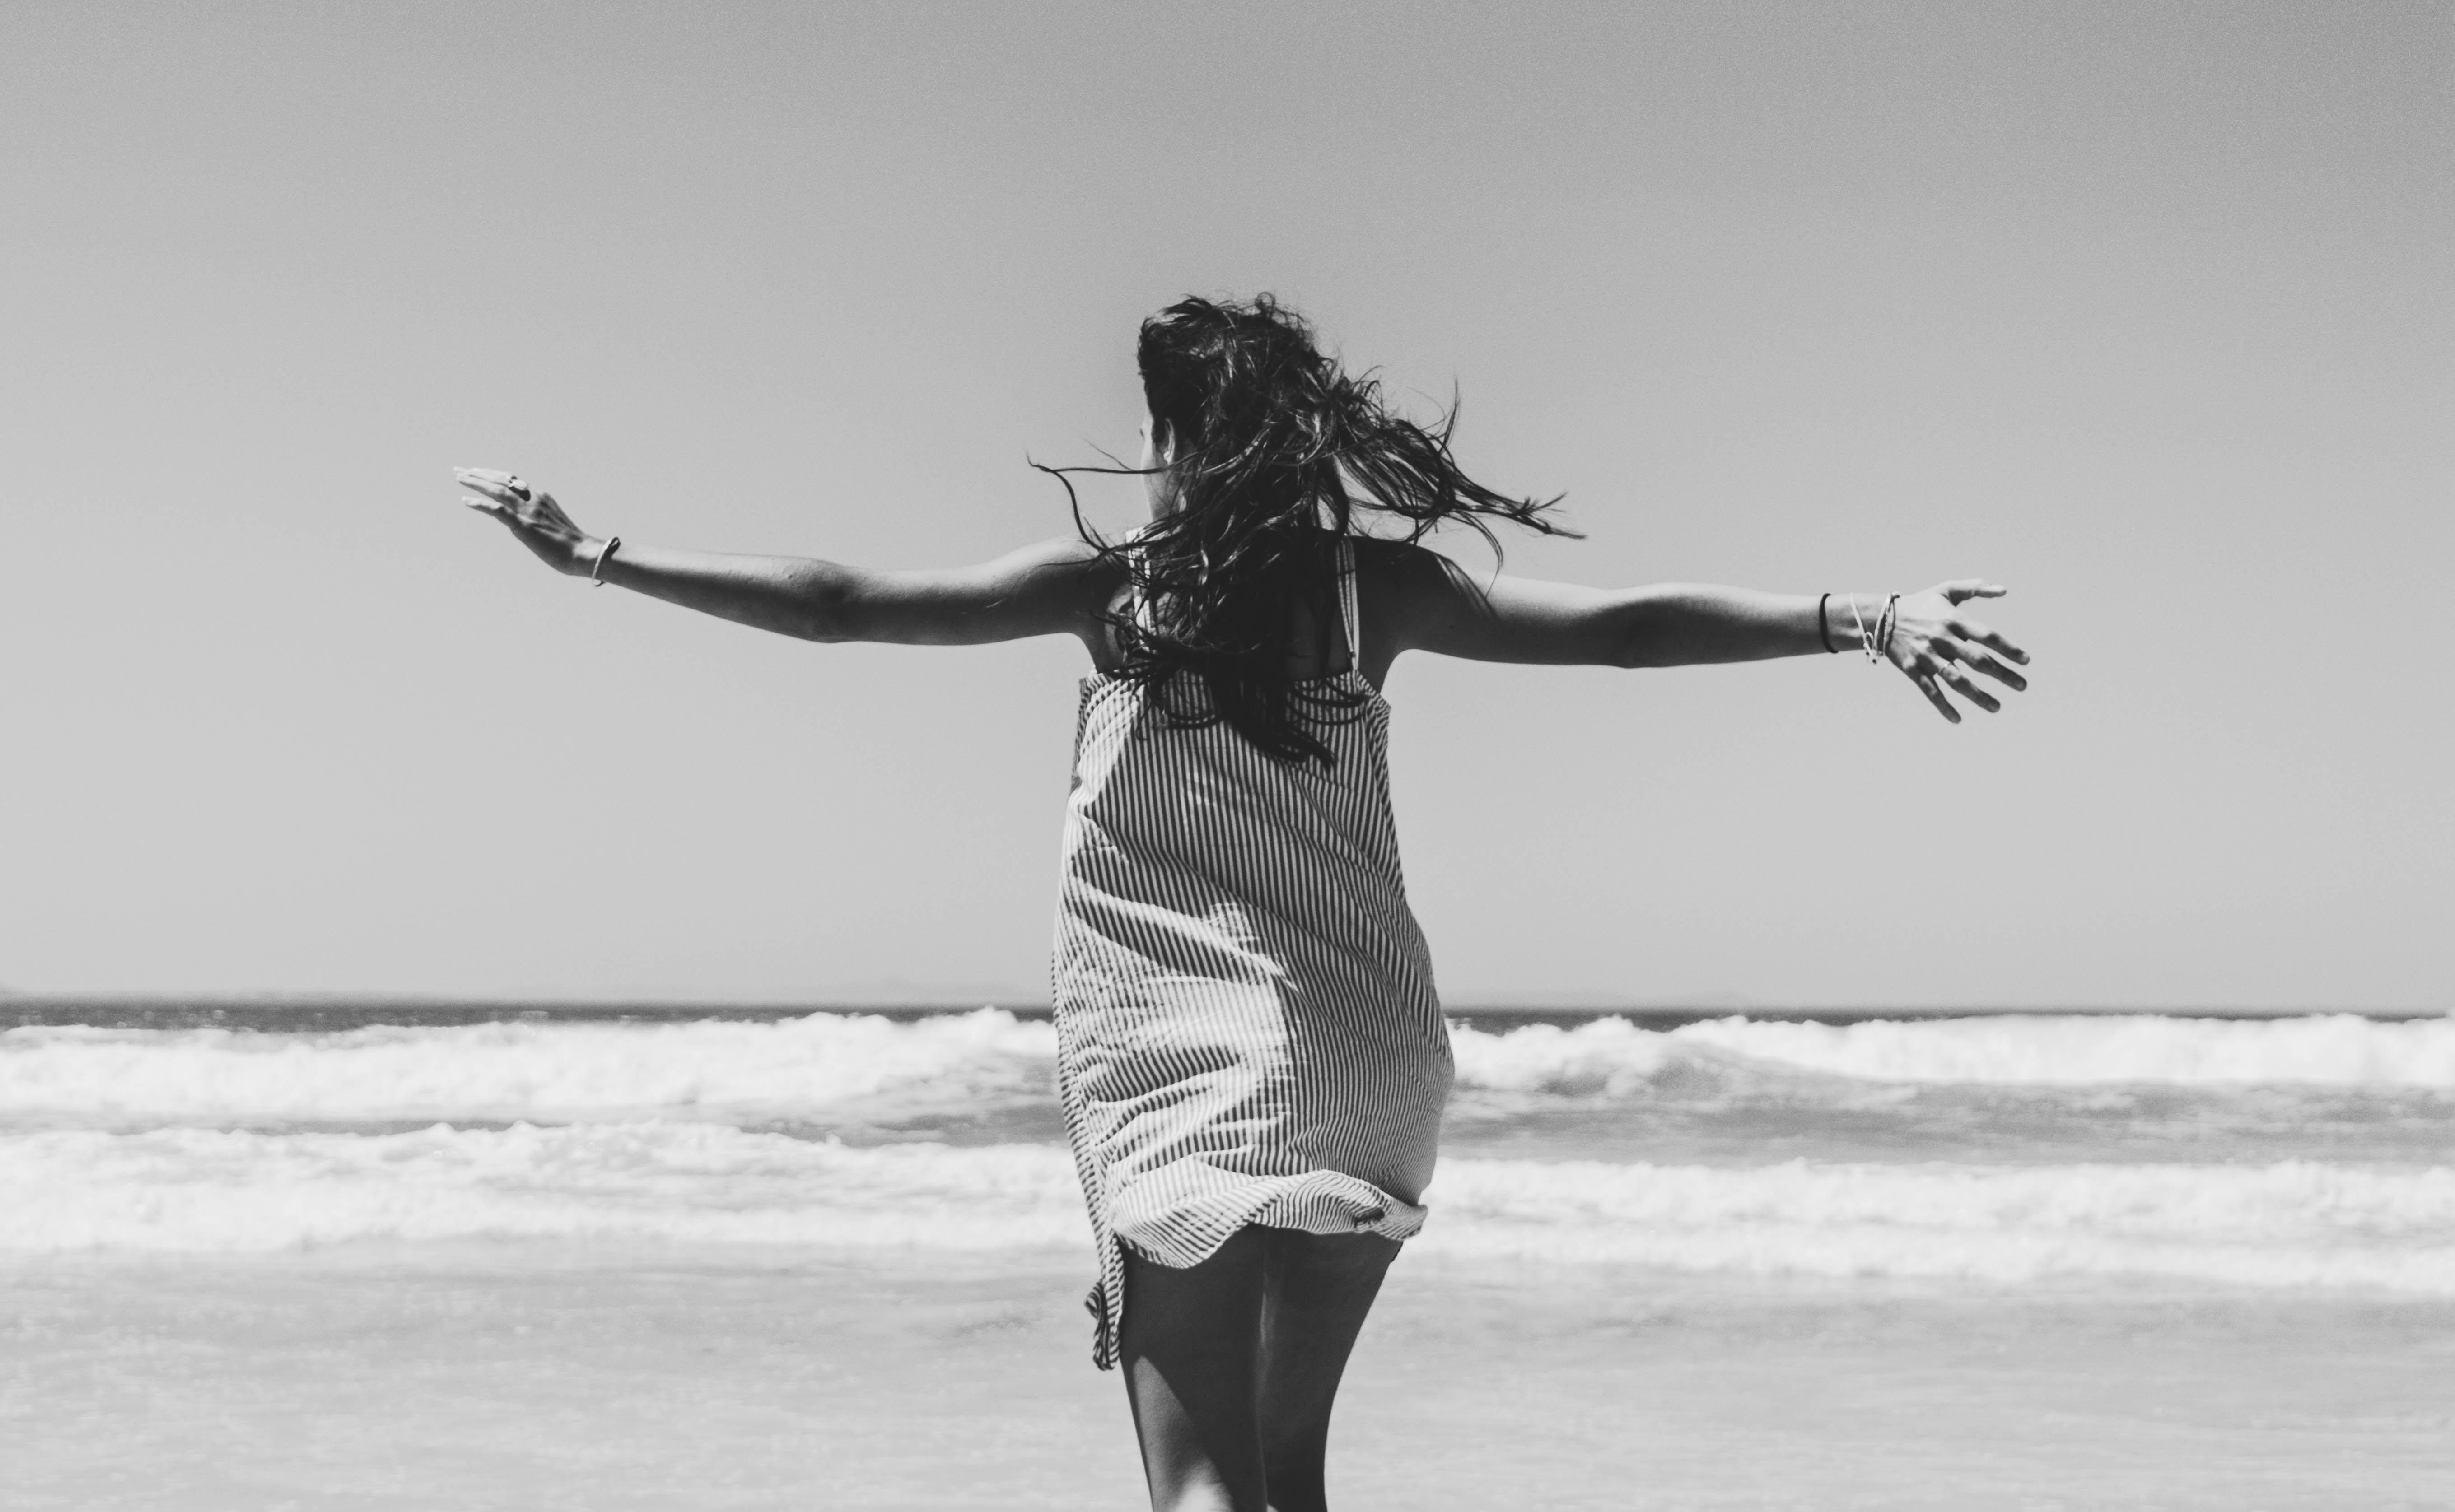 fotos lindas na praia em preto branco